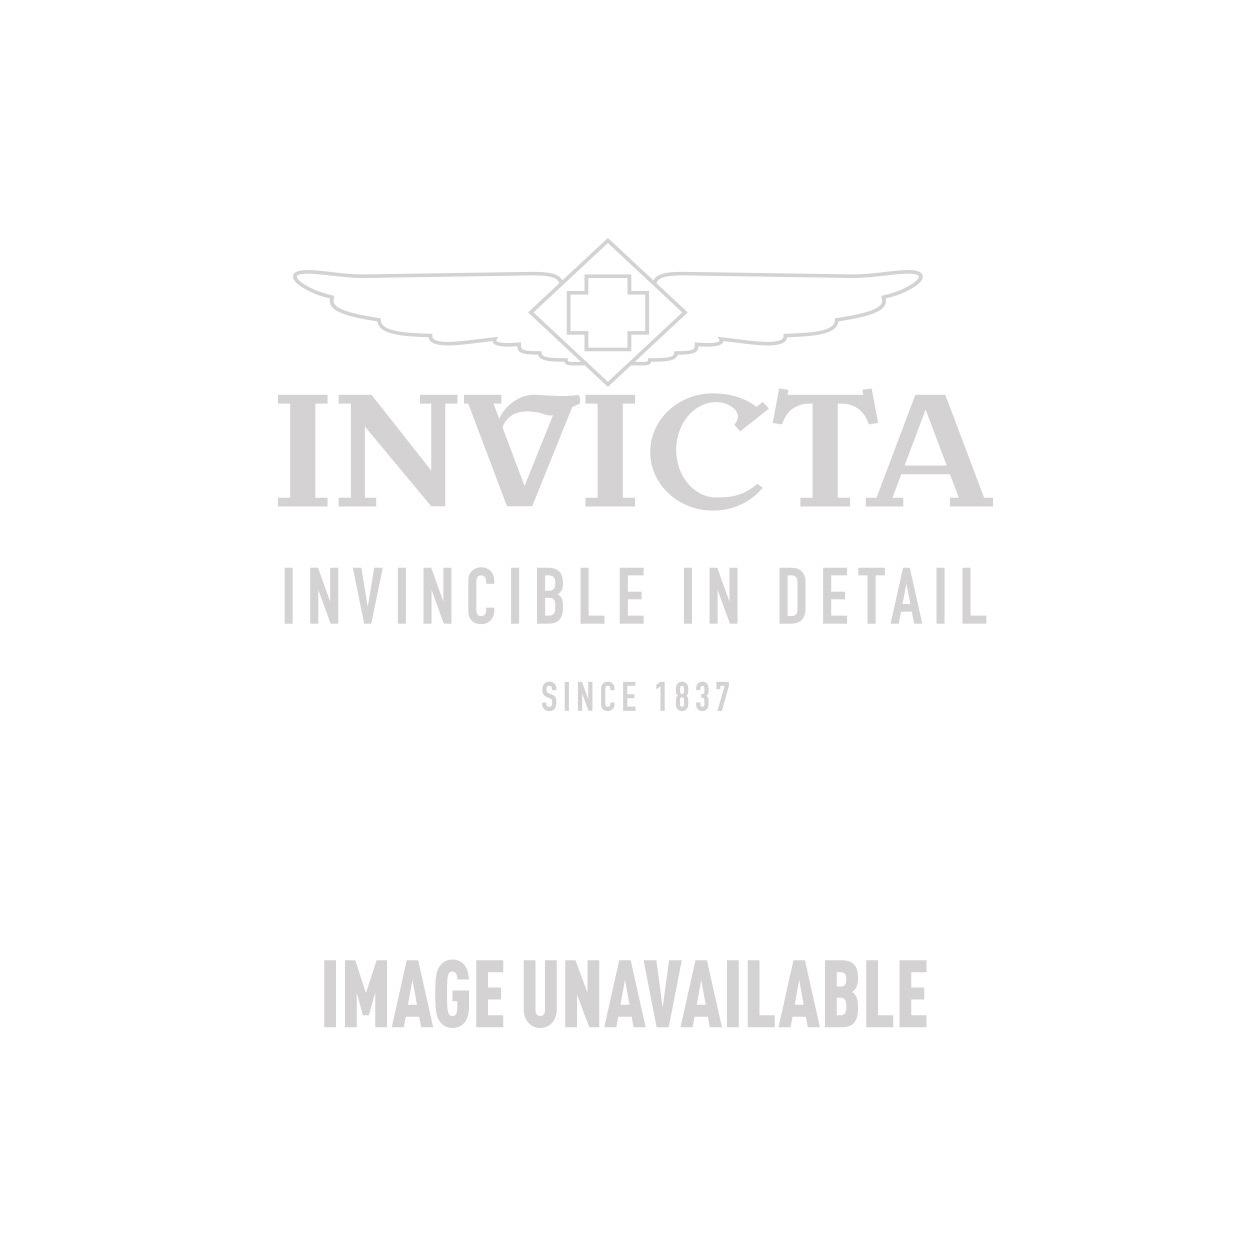 Invicta Model 27292